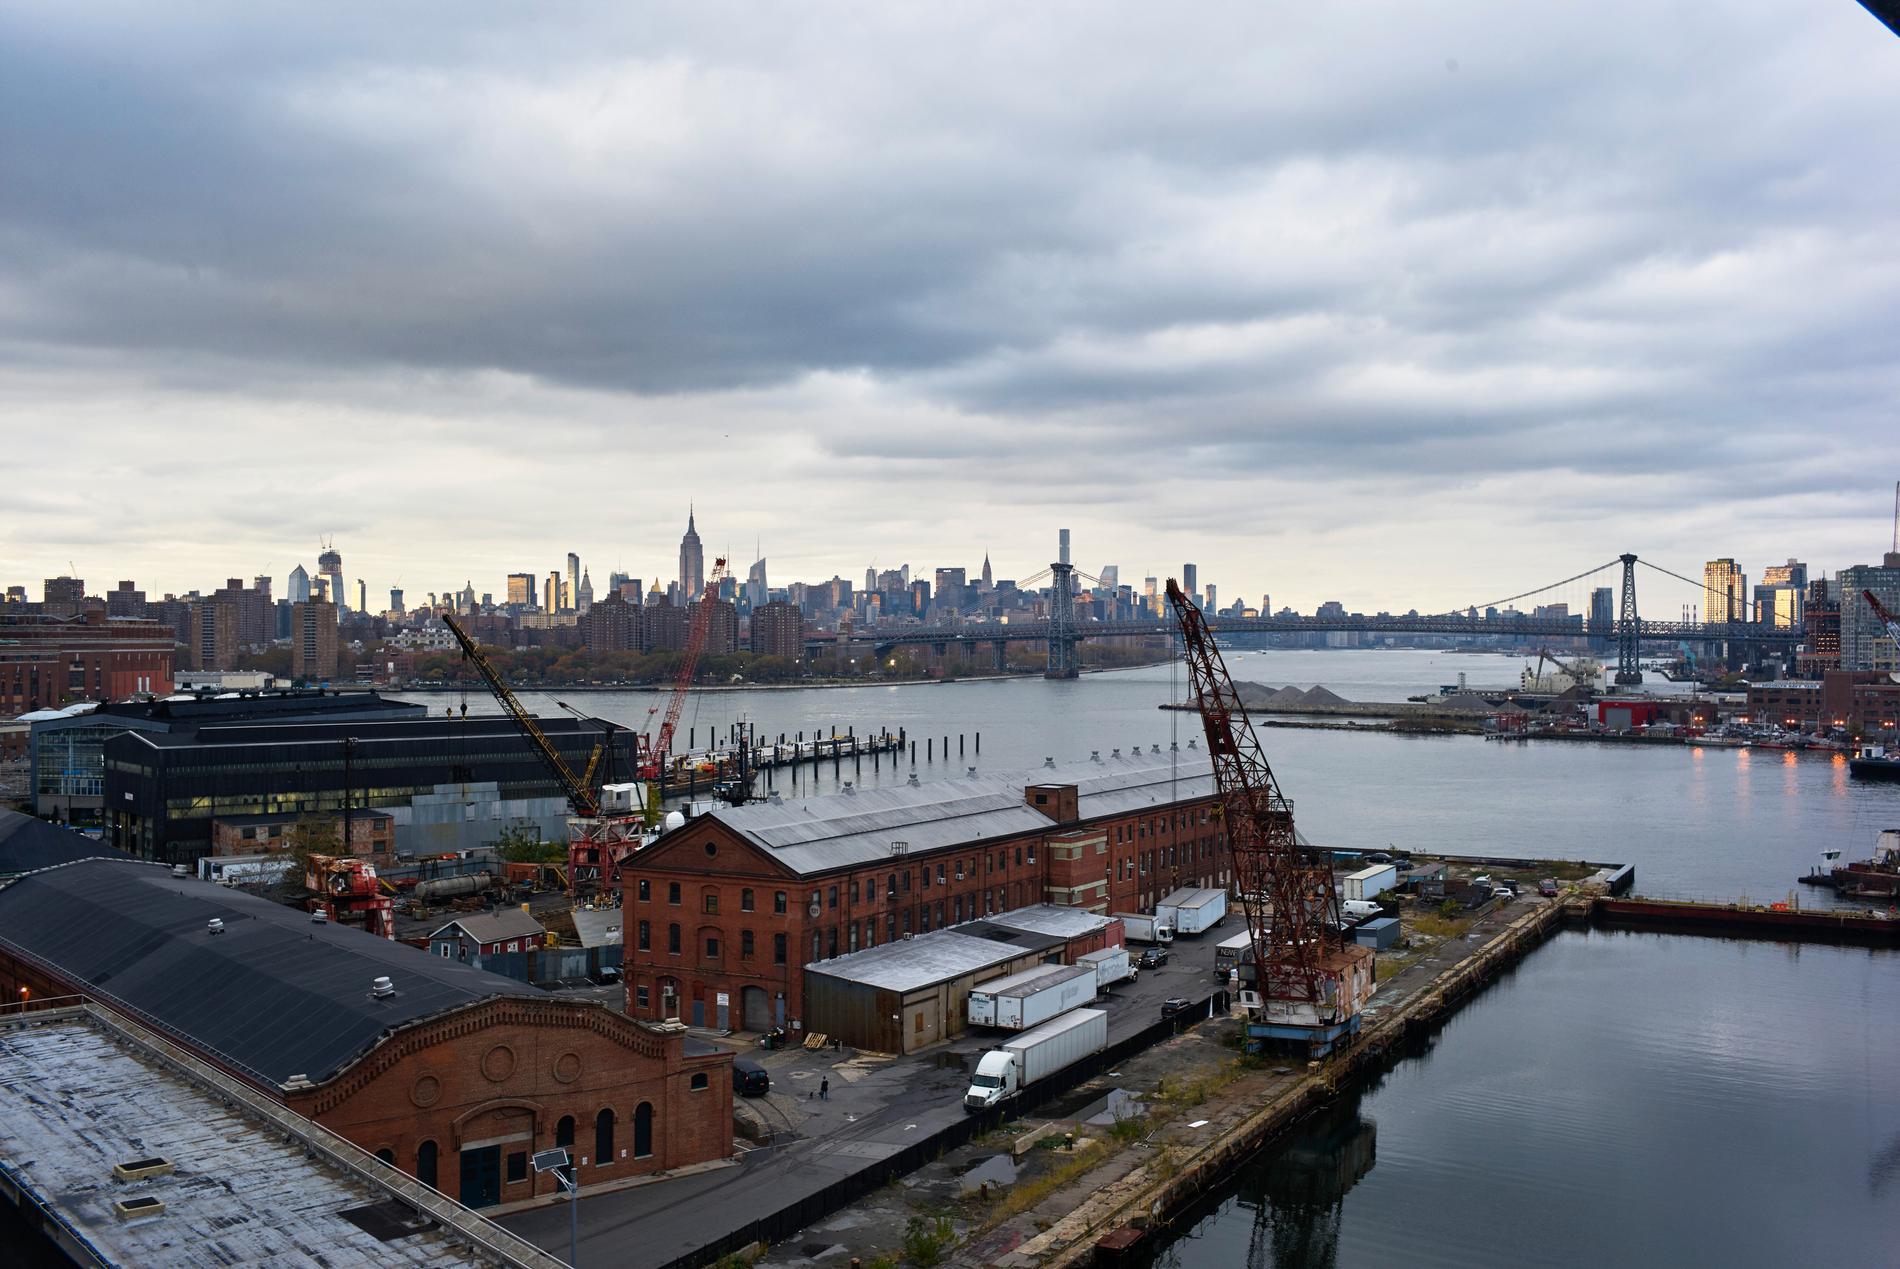 Brooklyn Navy Yard ligger i ett industrikomplex.